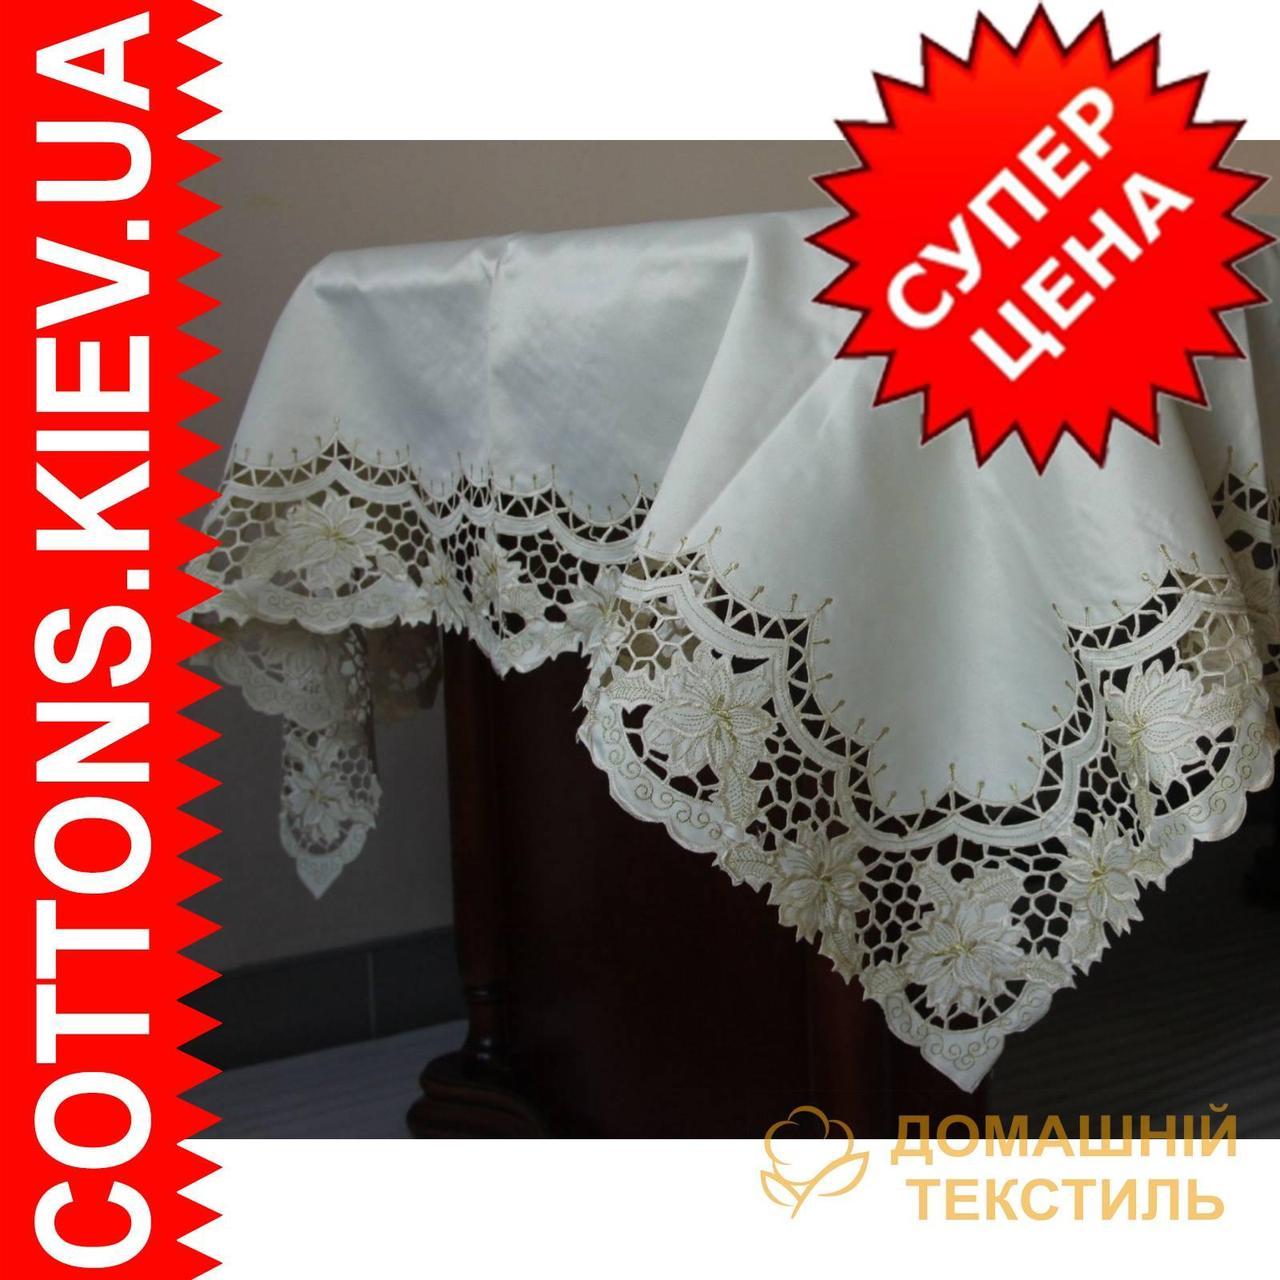 Скатерть на роздвижной стол 160*240 - Стиль, комфорт, уют - Cottons в Хмельницком